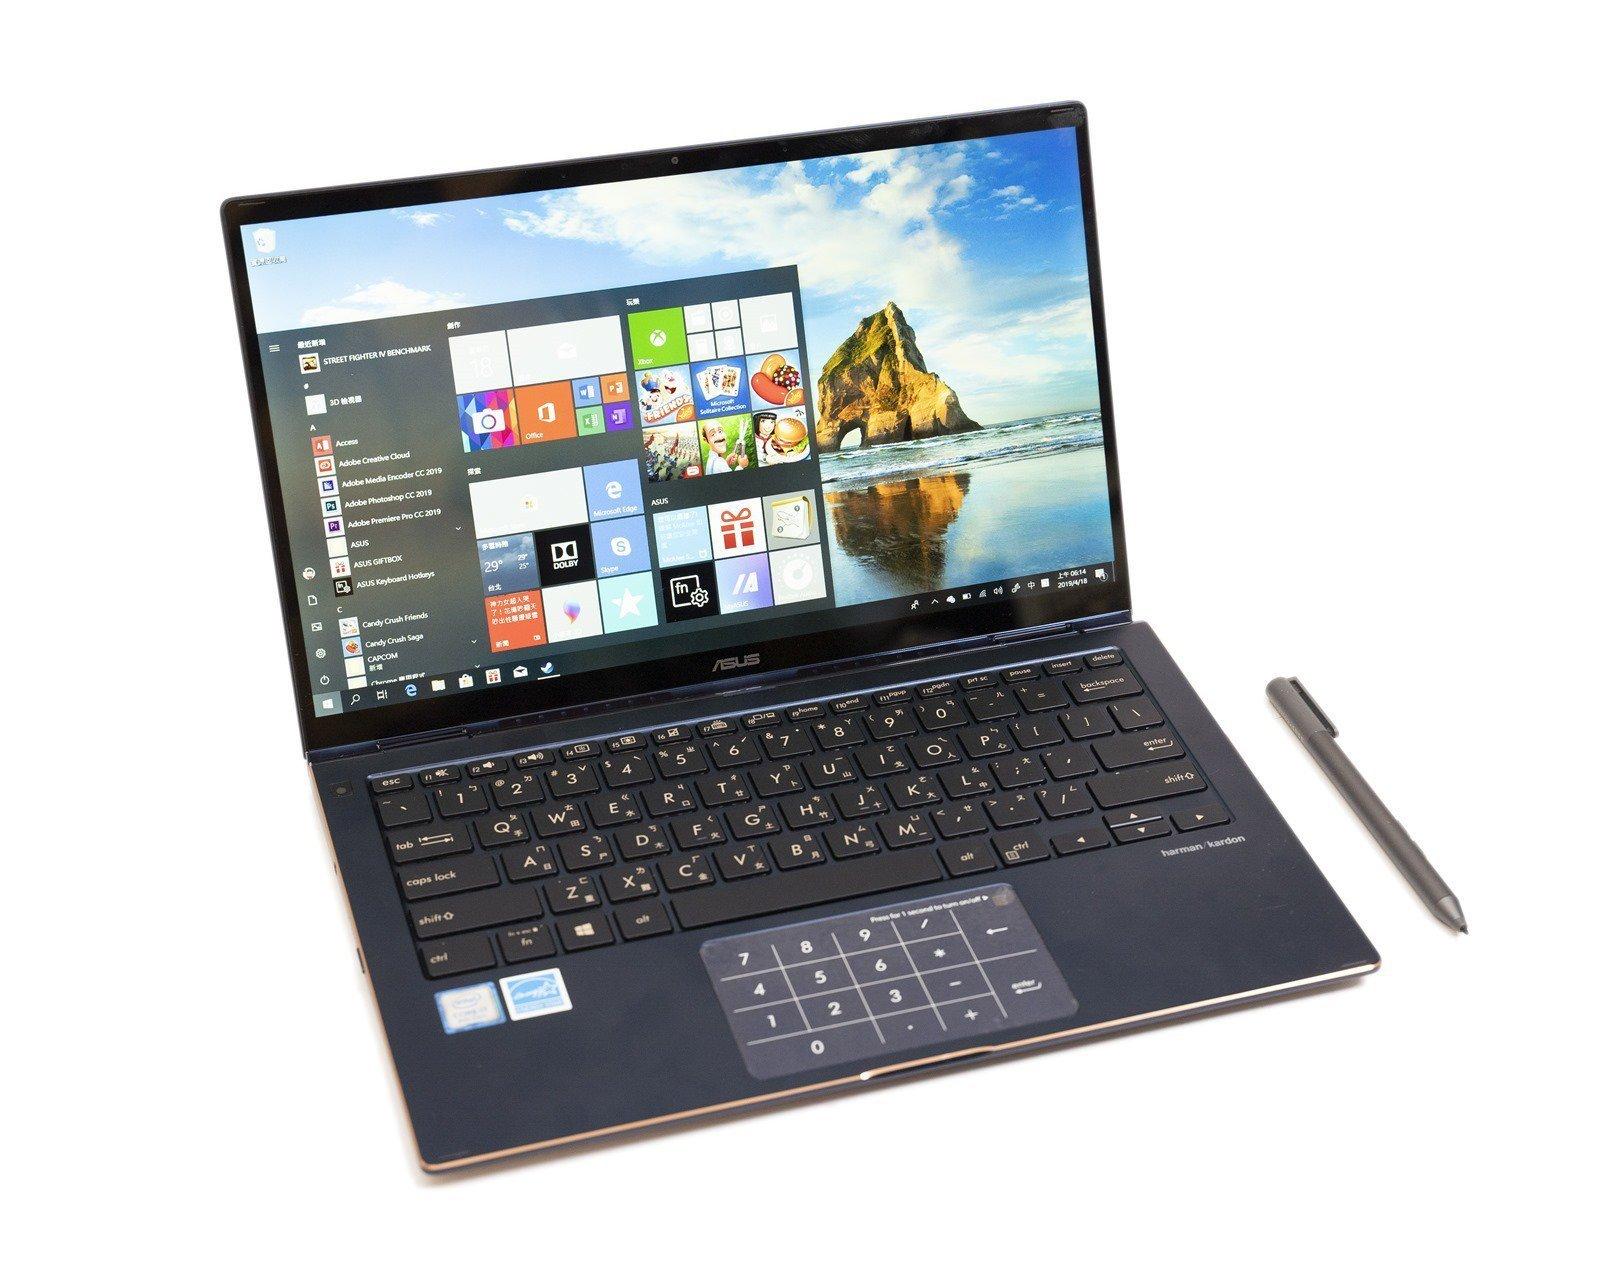 【開箱】華碩世界最小翻轉筆電ZenBook Flip 13,超窄邊框 / 數位筆 / 多種翻轉模式